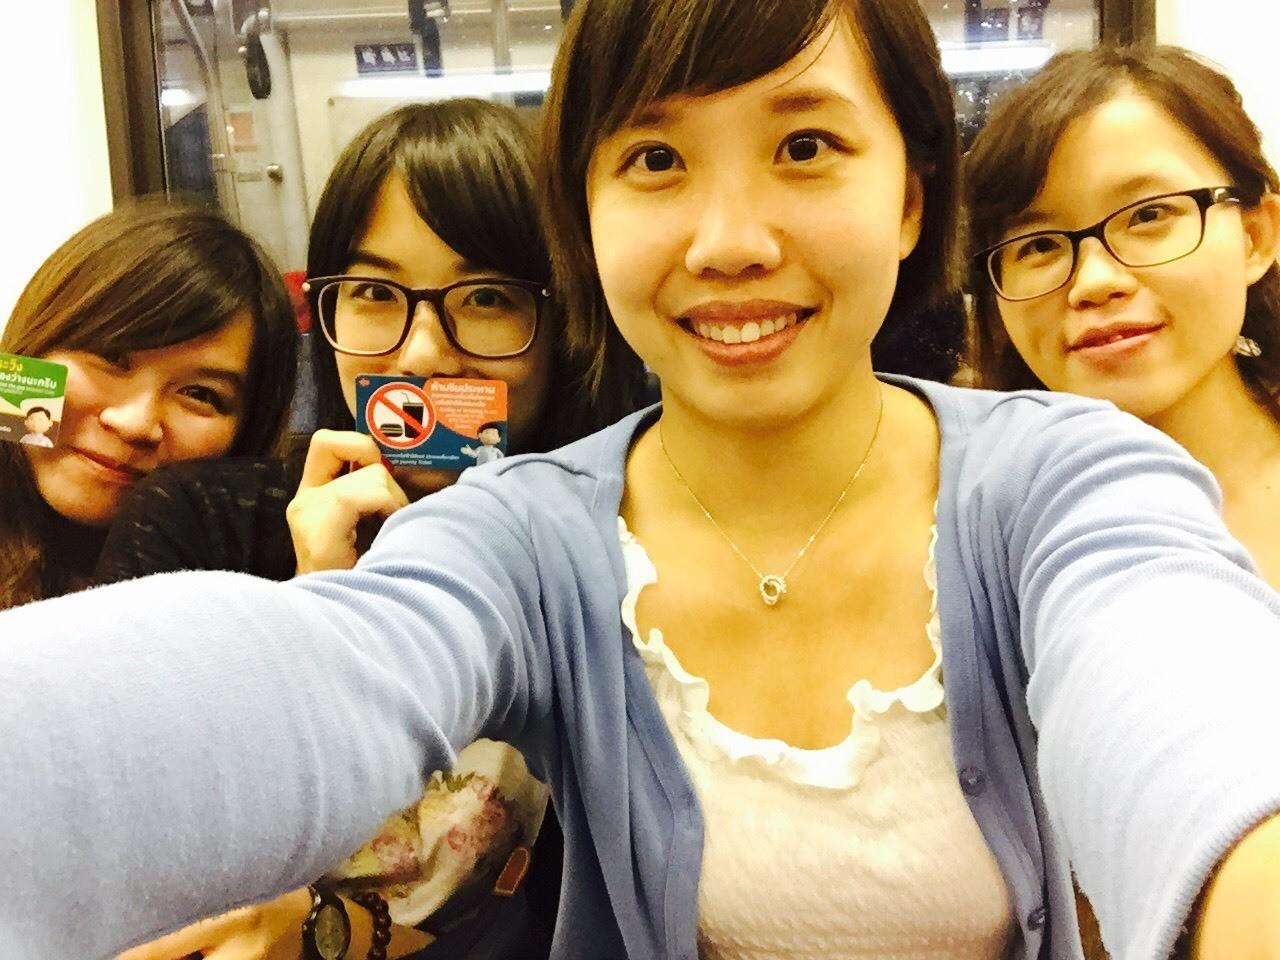 抵達曼谷時已經是夜晚的六點半鐘,花了一些時間才搭上了他們的捷運。介紹一下四個女孩:左而右是魚、YenChun、R還有Wen。同年,都抓在青春的尾巴上晃盪著。